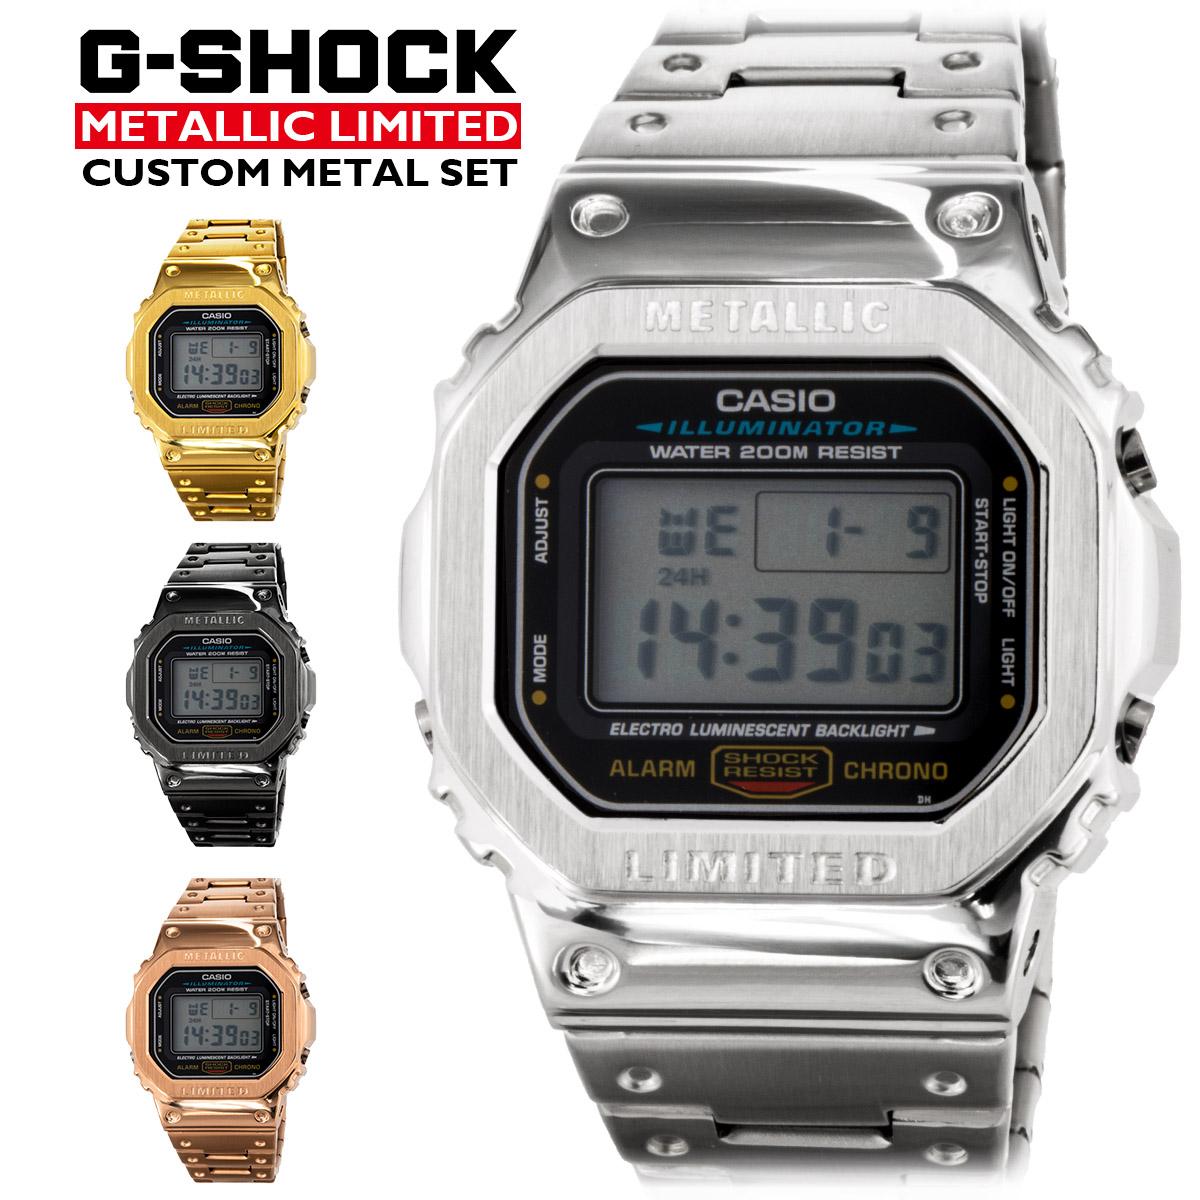 【全品送料無料】 G-SHOCK メタル カスタム DW-5600E-1V メンズ 時計 腕時計 クオーツ カレンダー GMW-B5000D-1JFスタイルケース メタルケース メタルバンド ブラック シルバー フルメタル